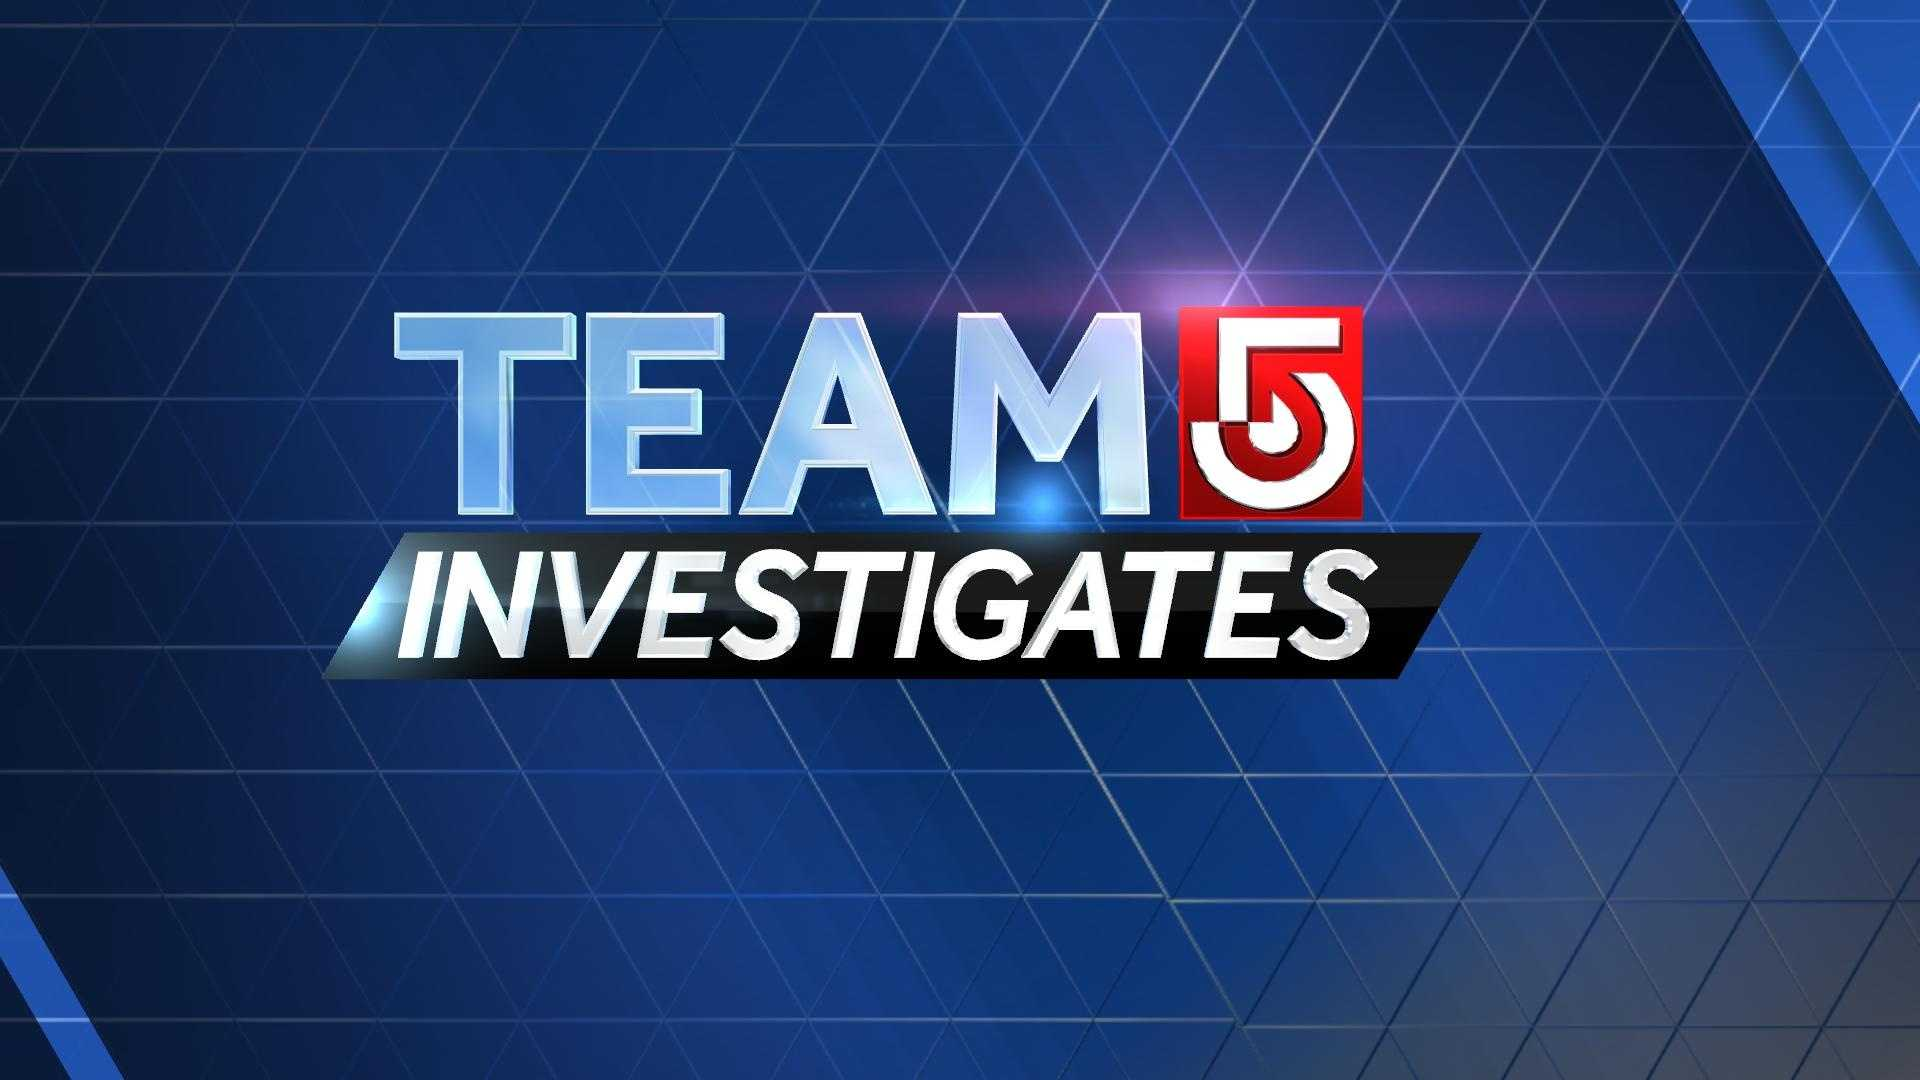 Team 5 Investigates